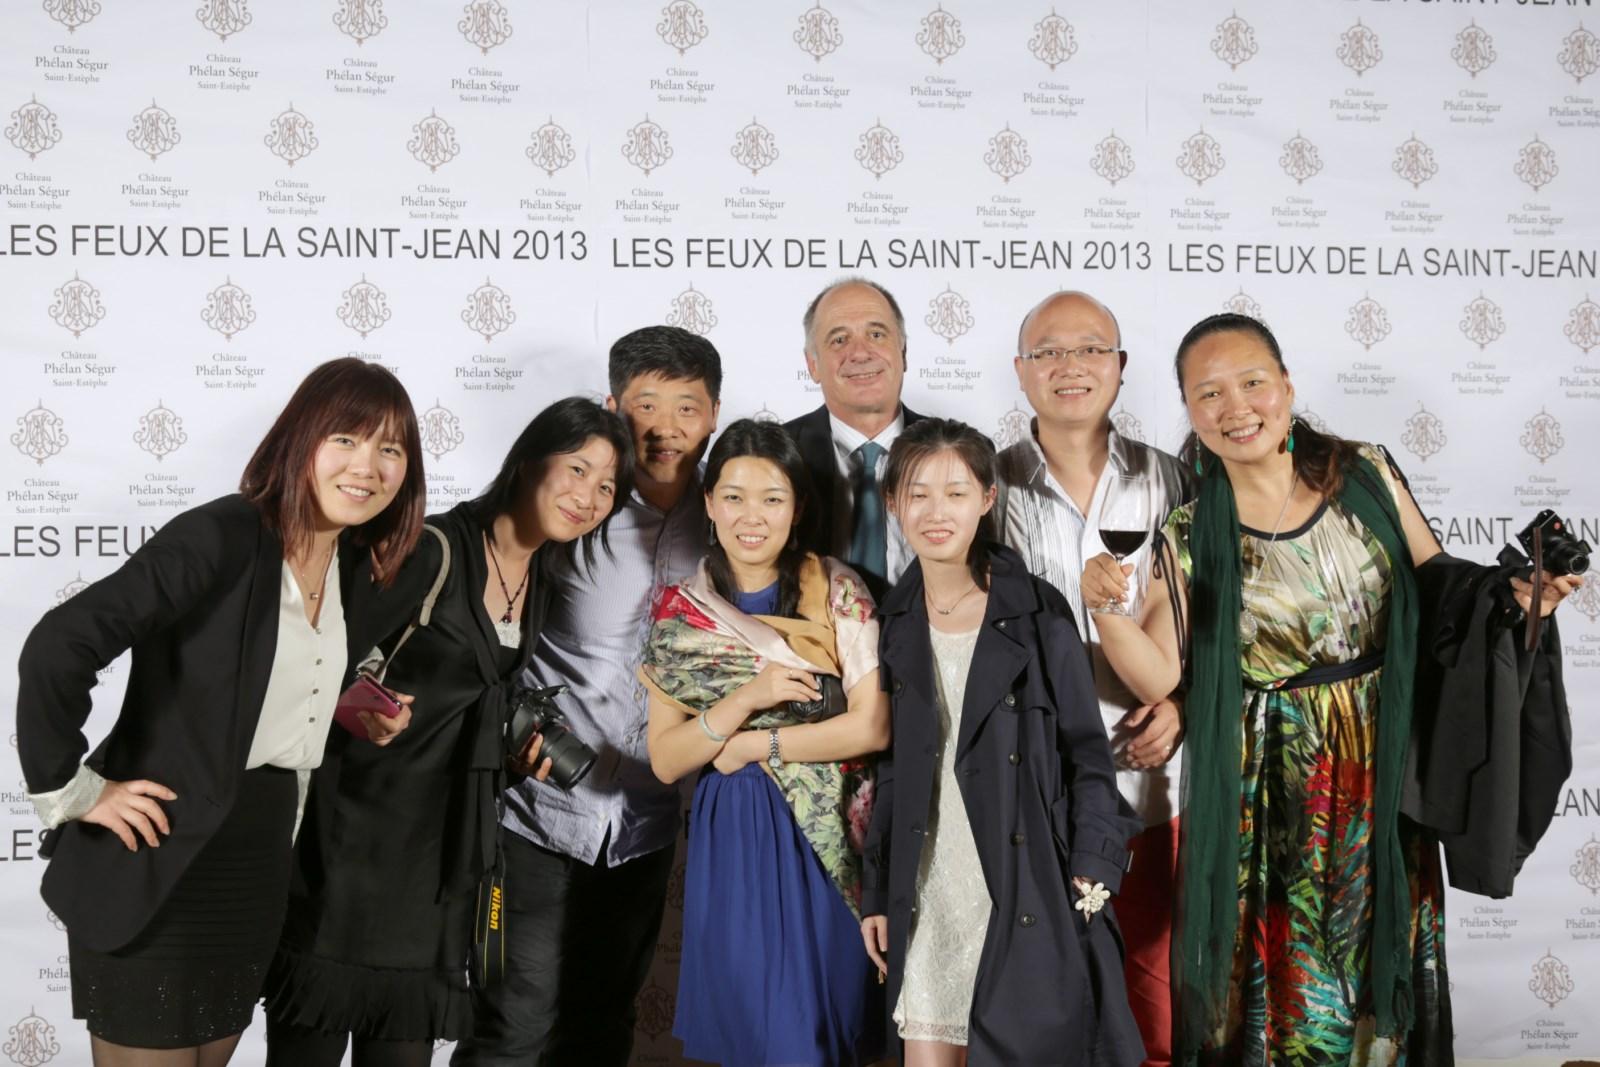 PHOTO CALL FEUX DE LA ST JEAN